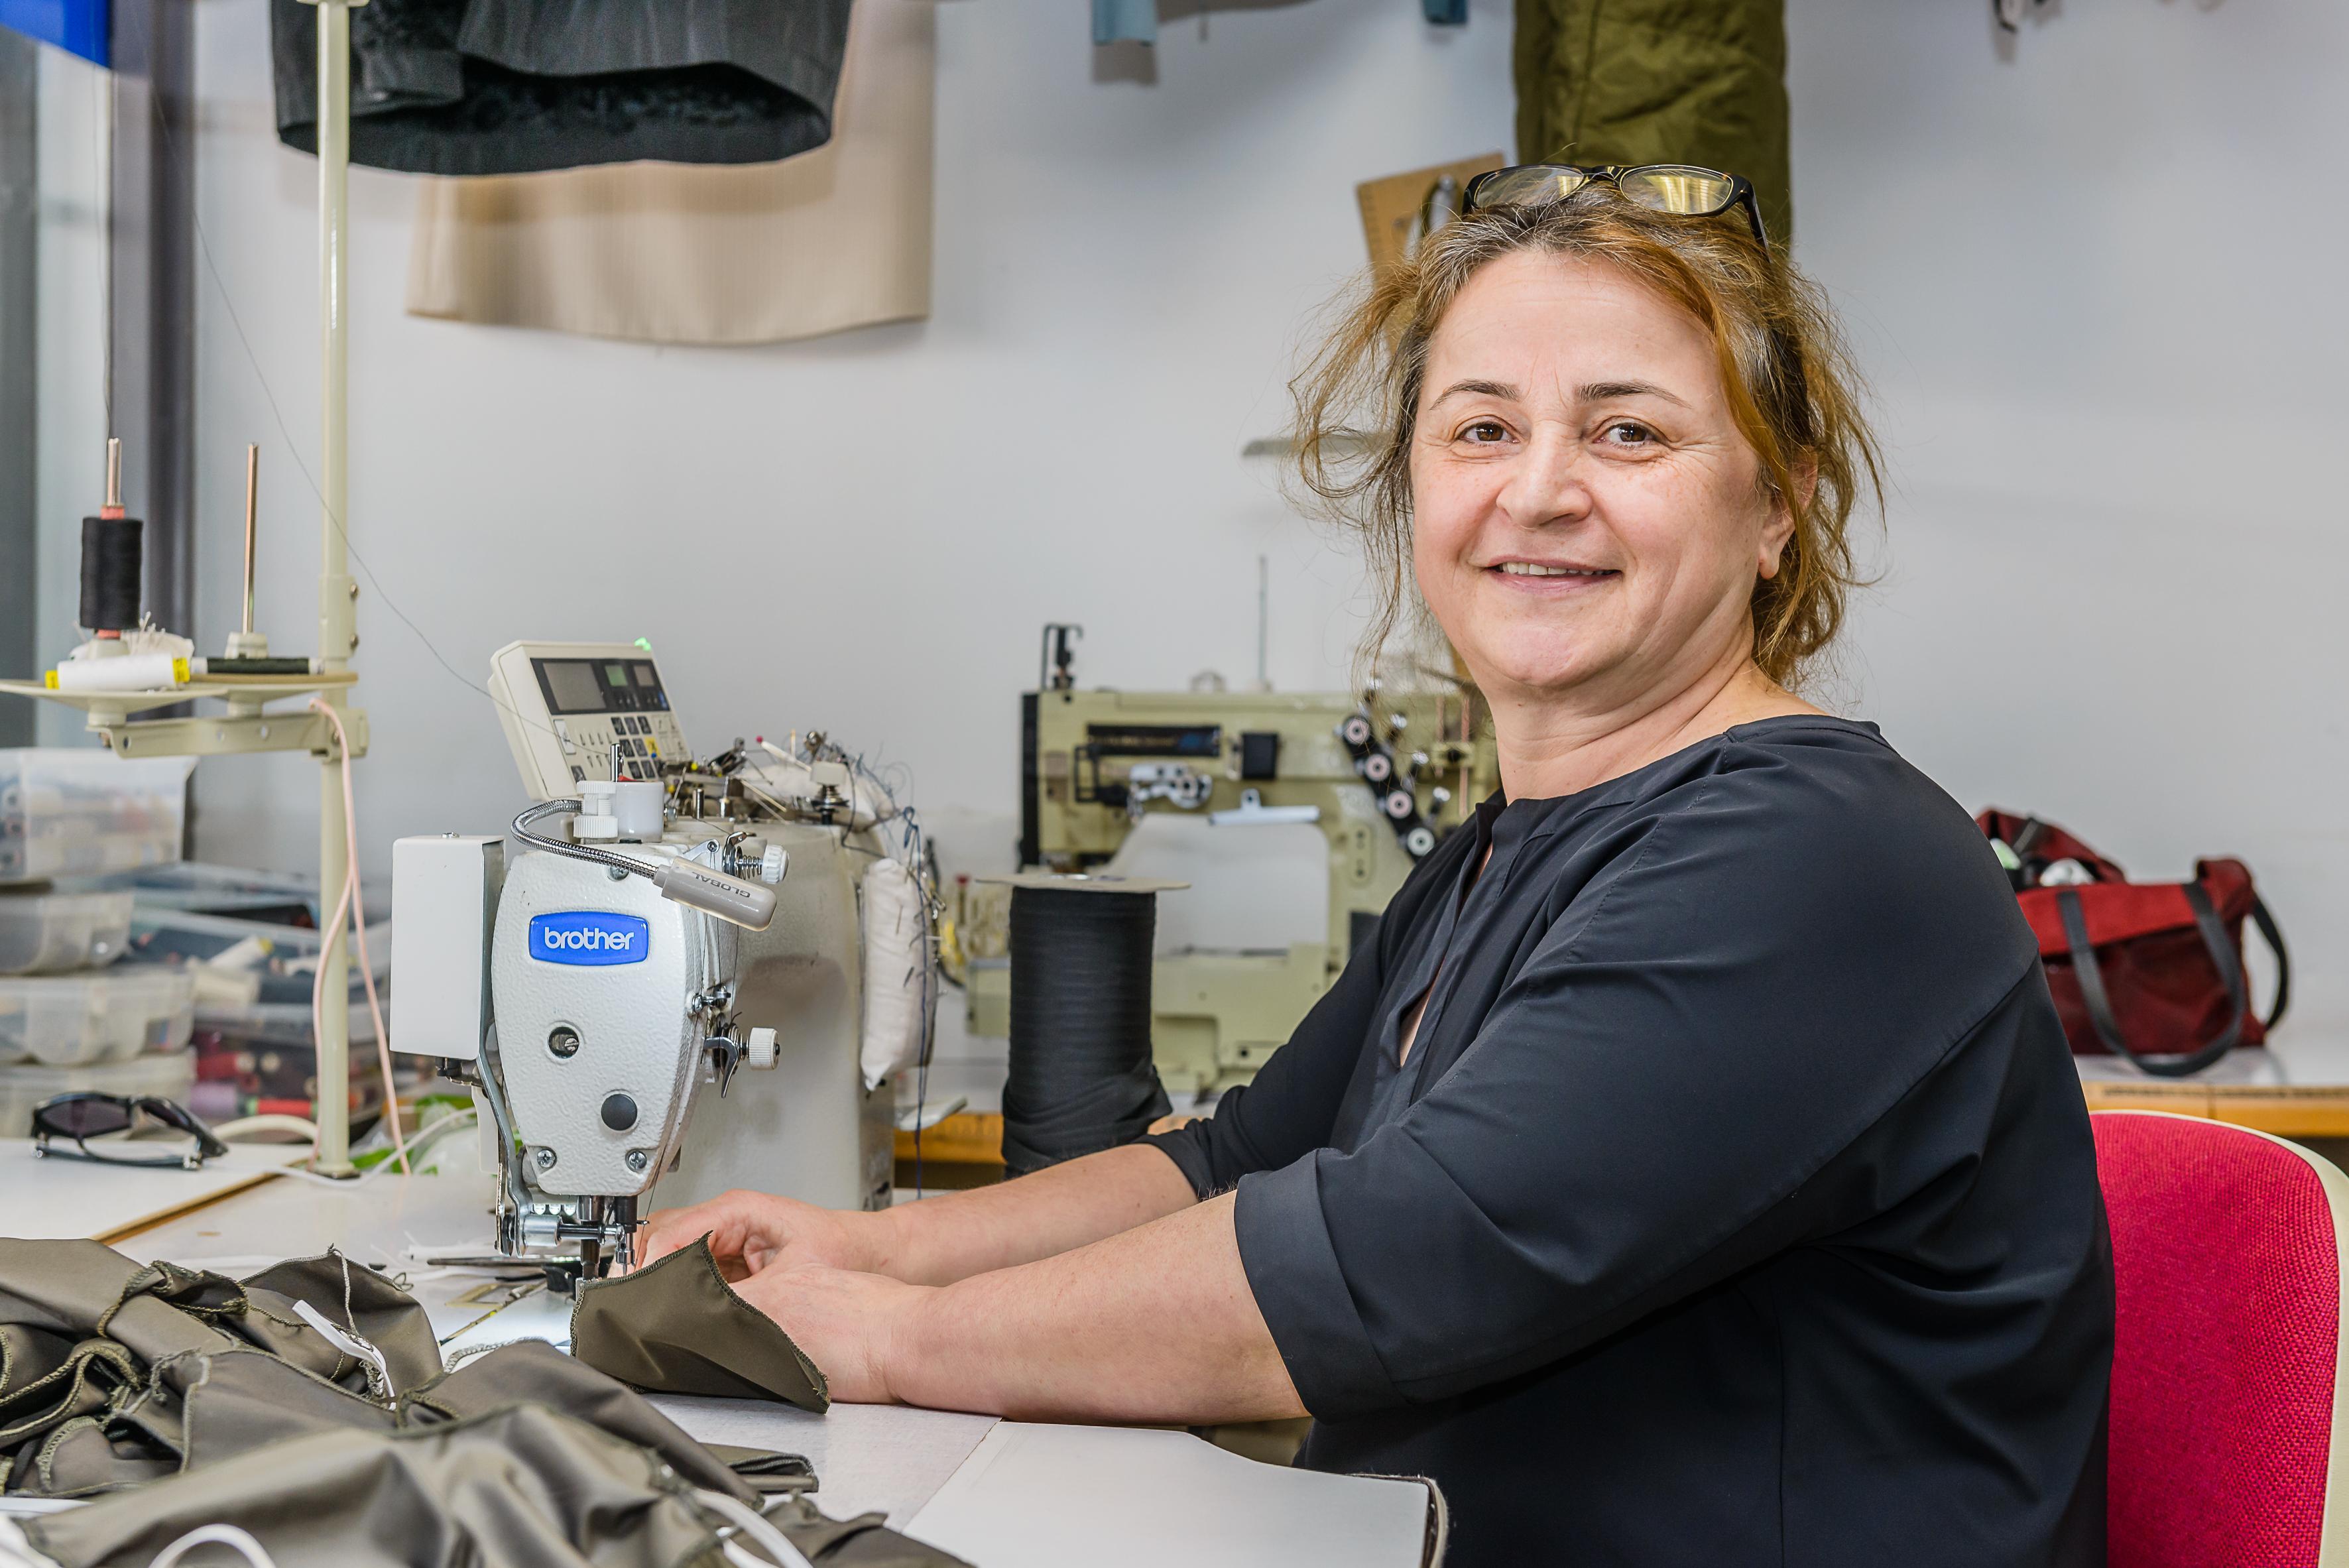 Gülten Uzun uit Landsmeer maakt mondkapjes: 'Ik heb er honderden gemaakt en weggegeven'